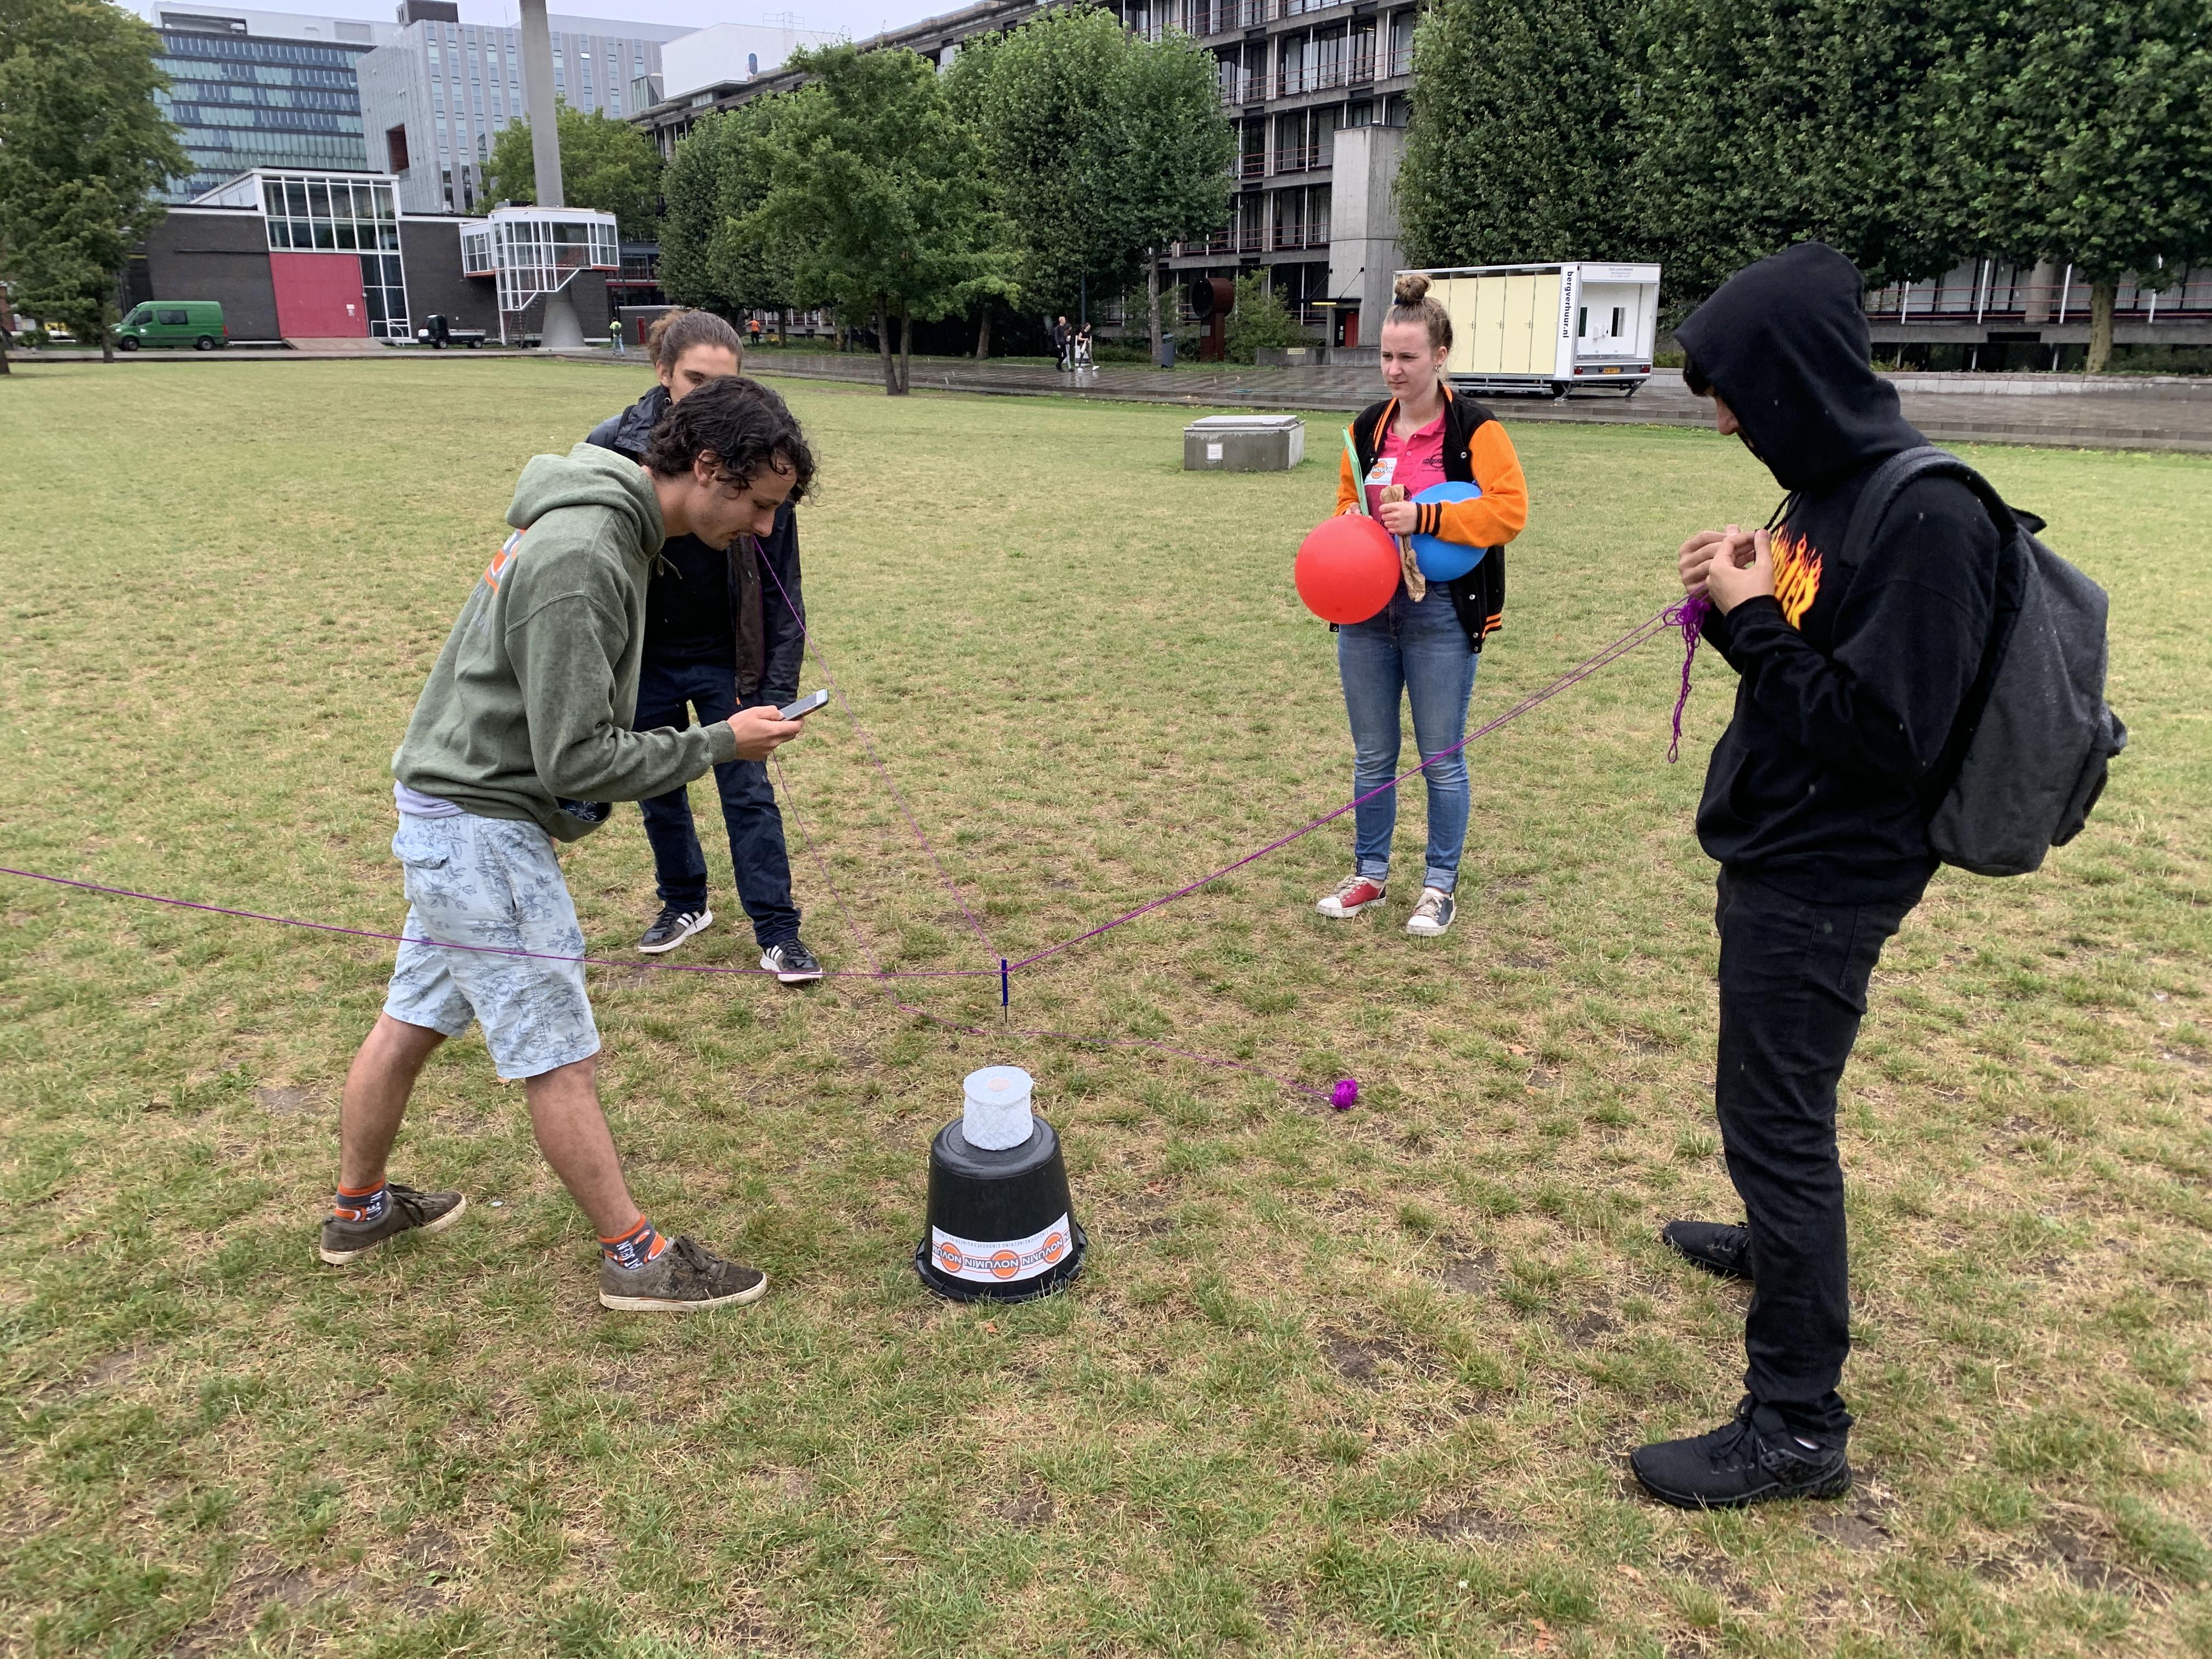 Een coronaproof introductieprogramma voor eerstejaars bij Fontys. Die kregen na de zomer ook voorrang bij fysieke lessen.